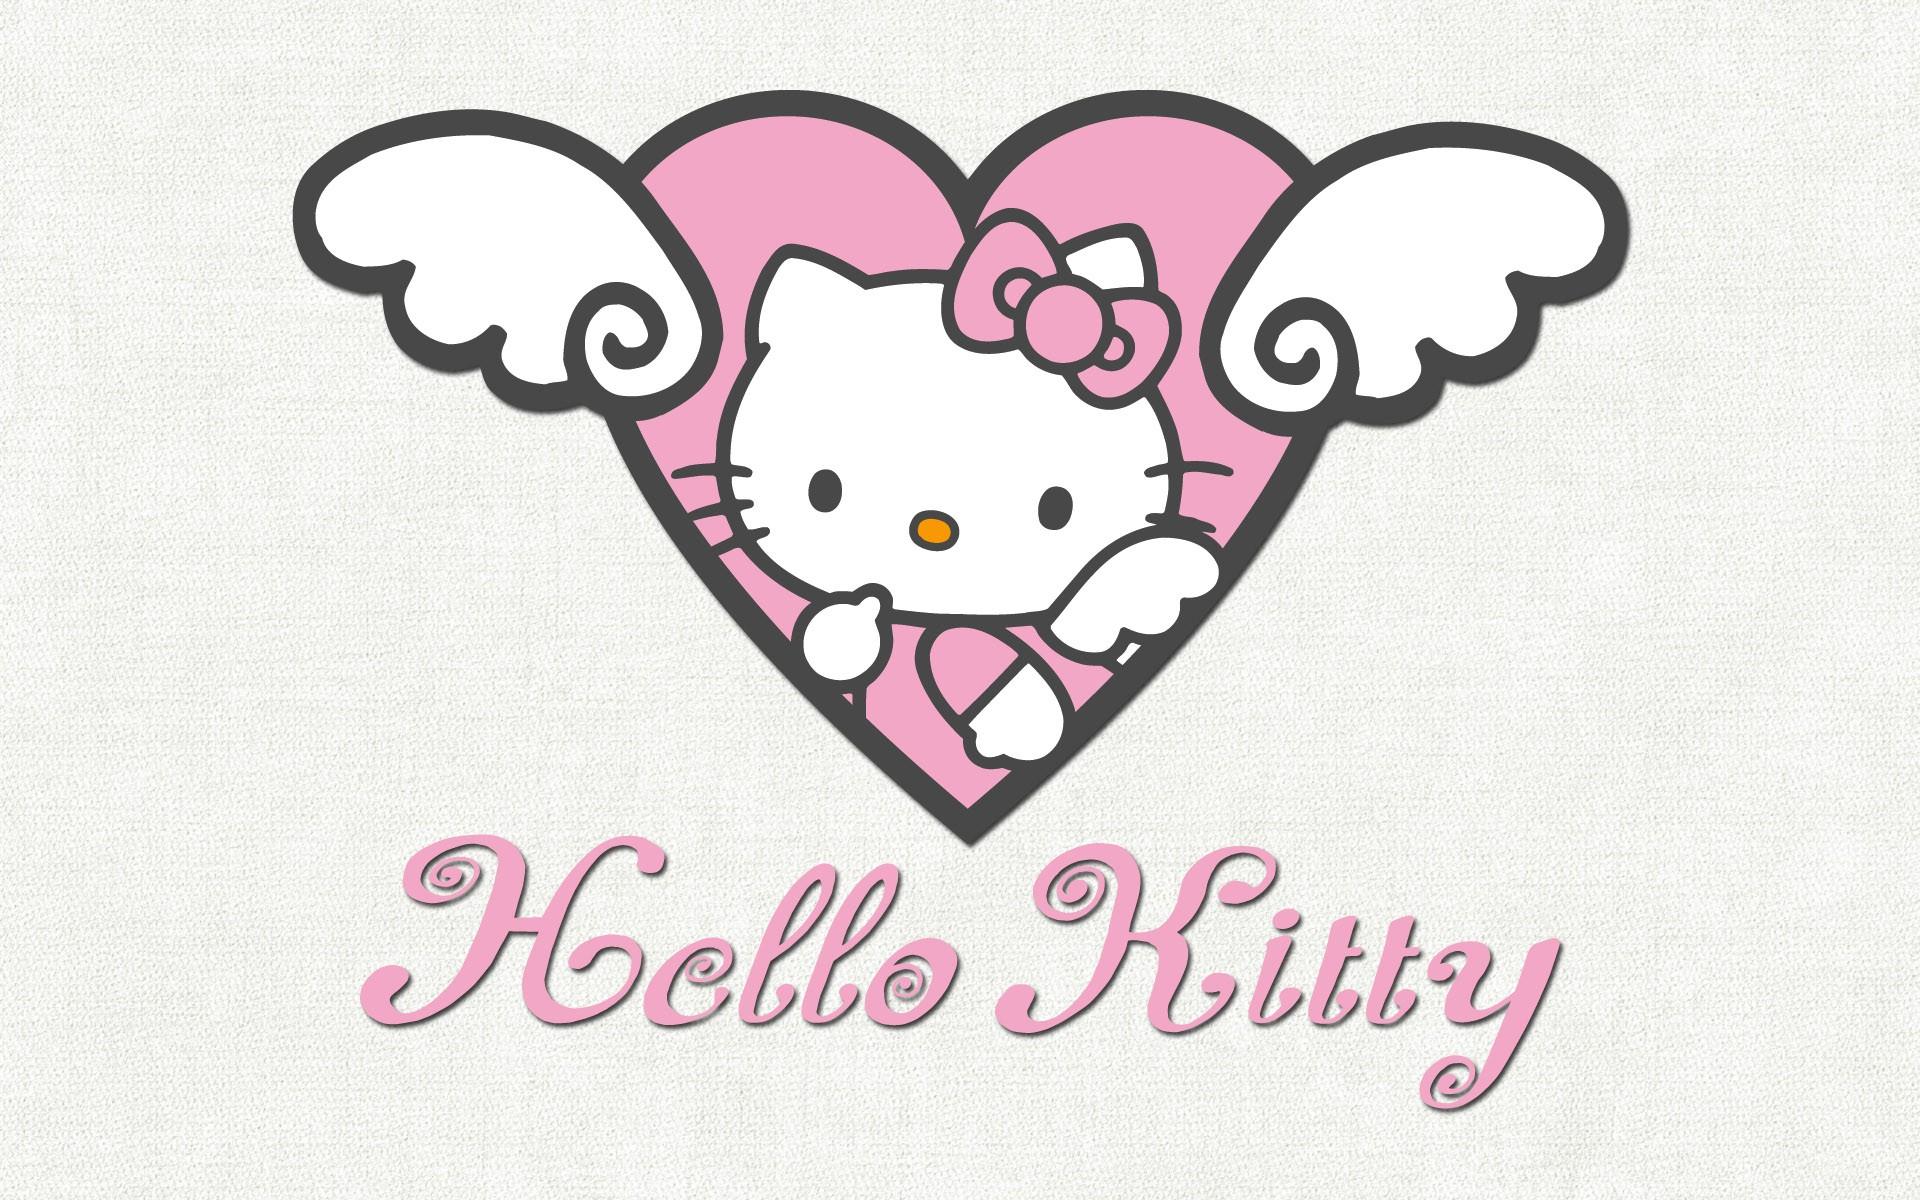 Best Wallpaper Hello Kitty Ipad 2 - 30763-full-size-hello-kitty-wallpaper-1920x1200-720p  Collection_94153.jpg